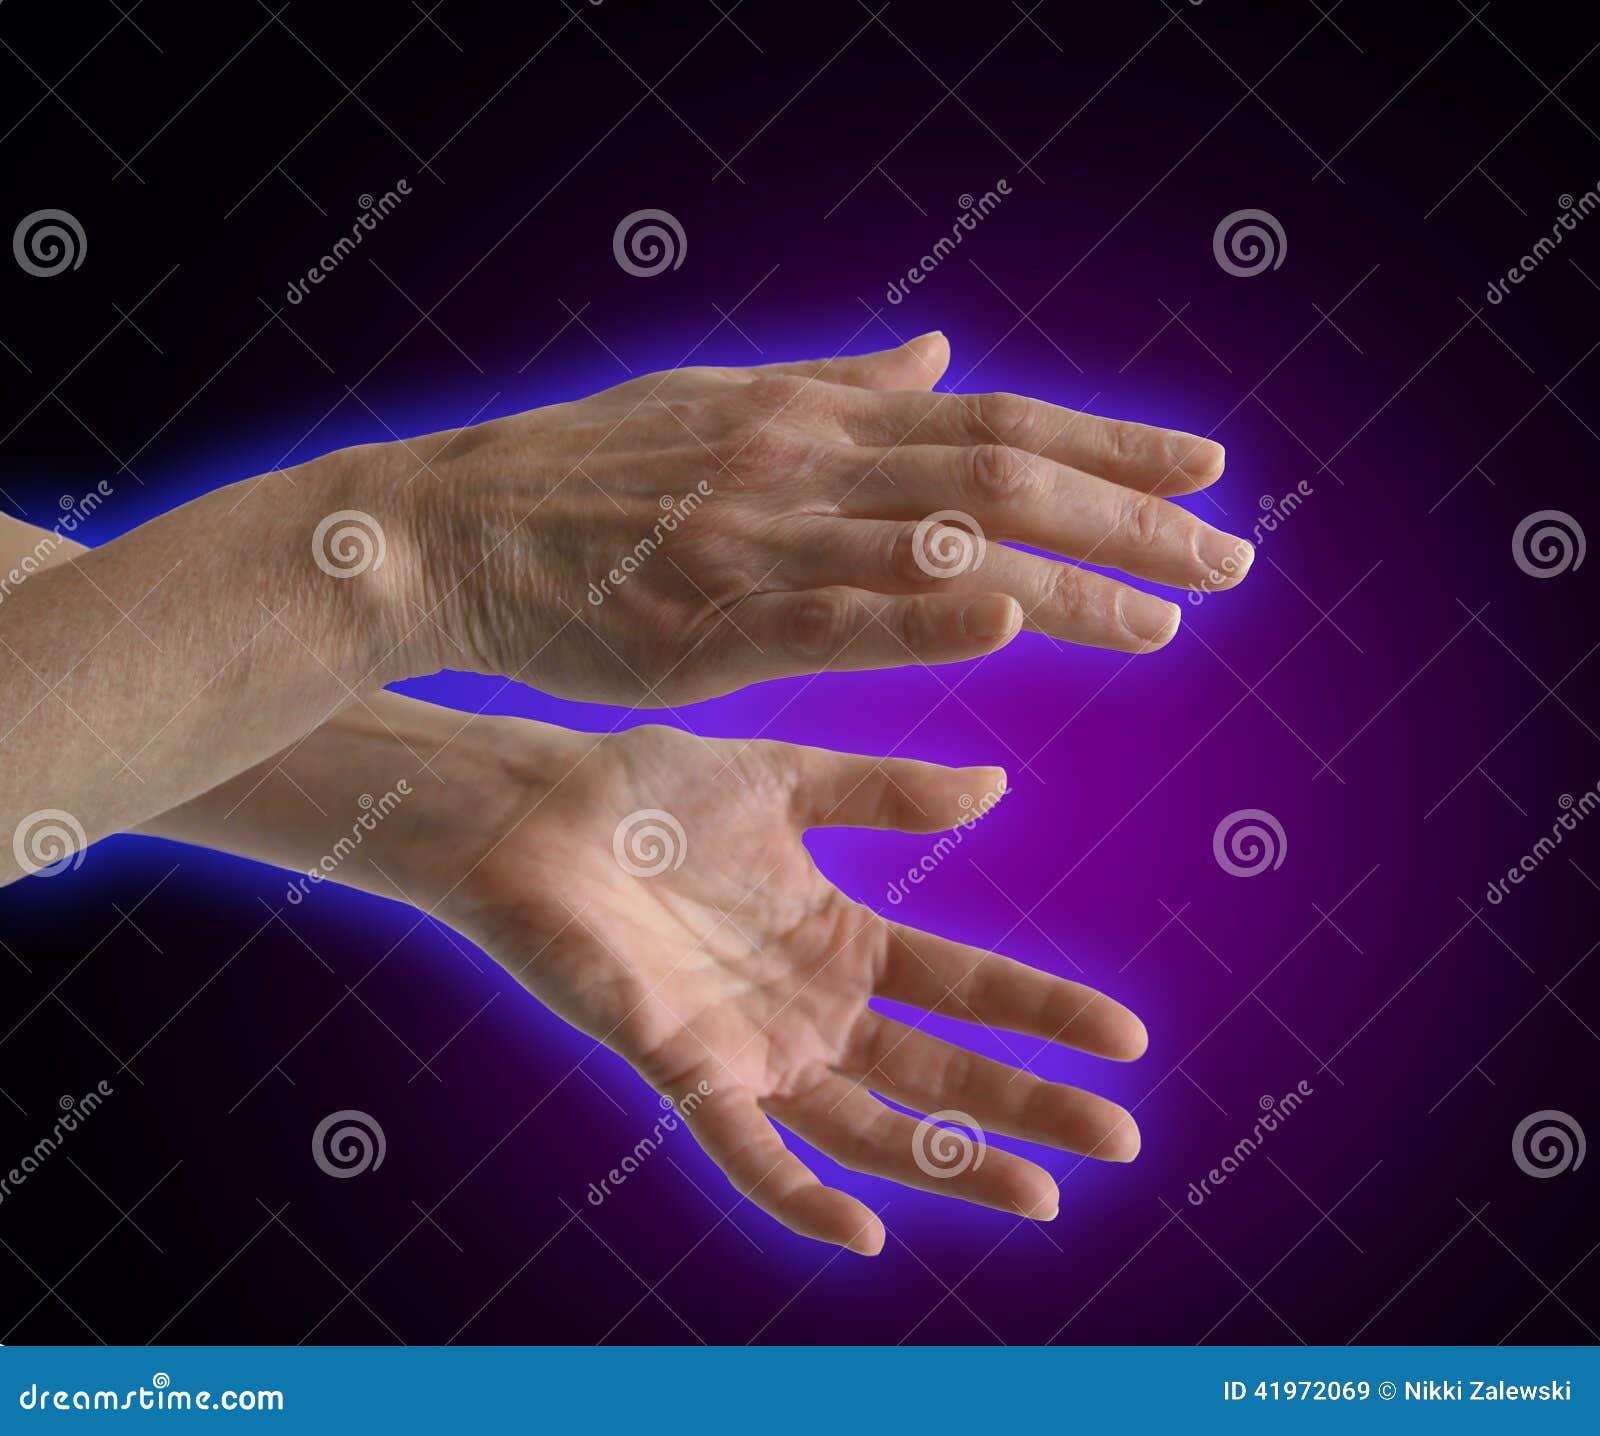 Aura elettromagnetica intorno alle mani del guaritore